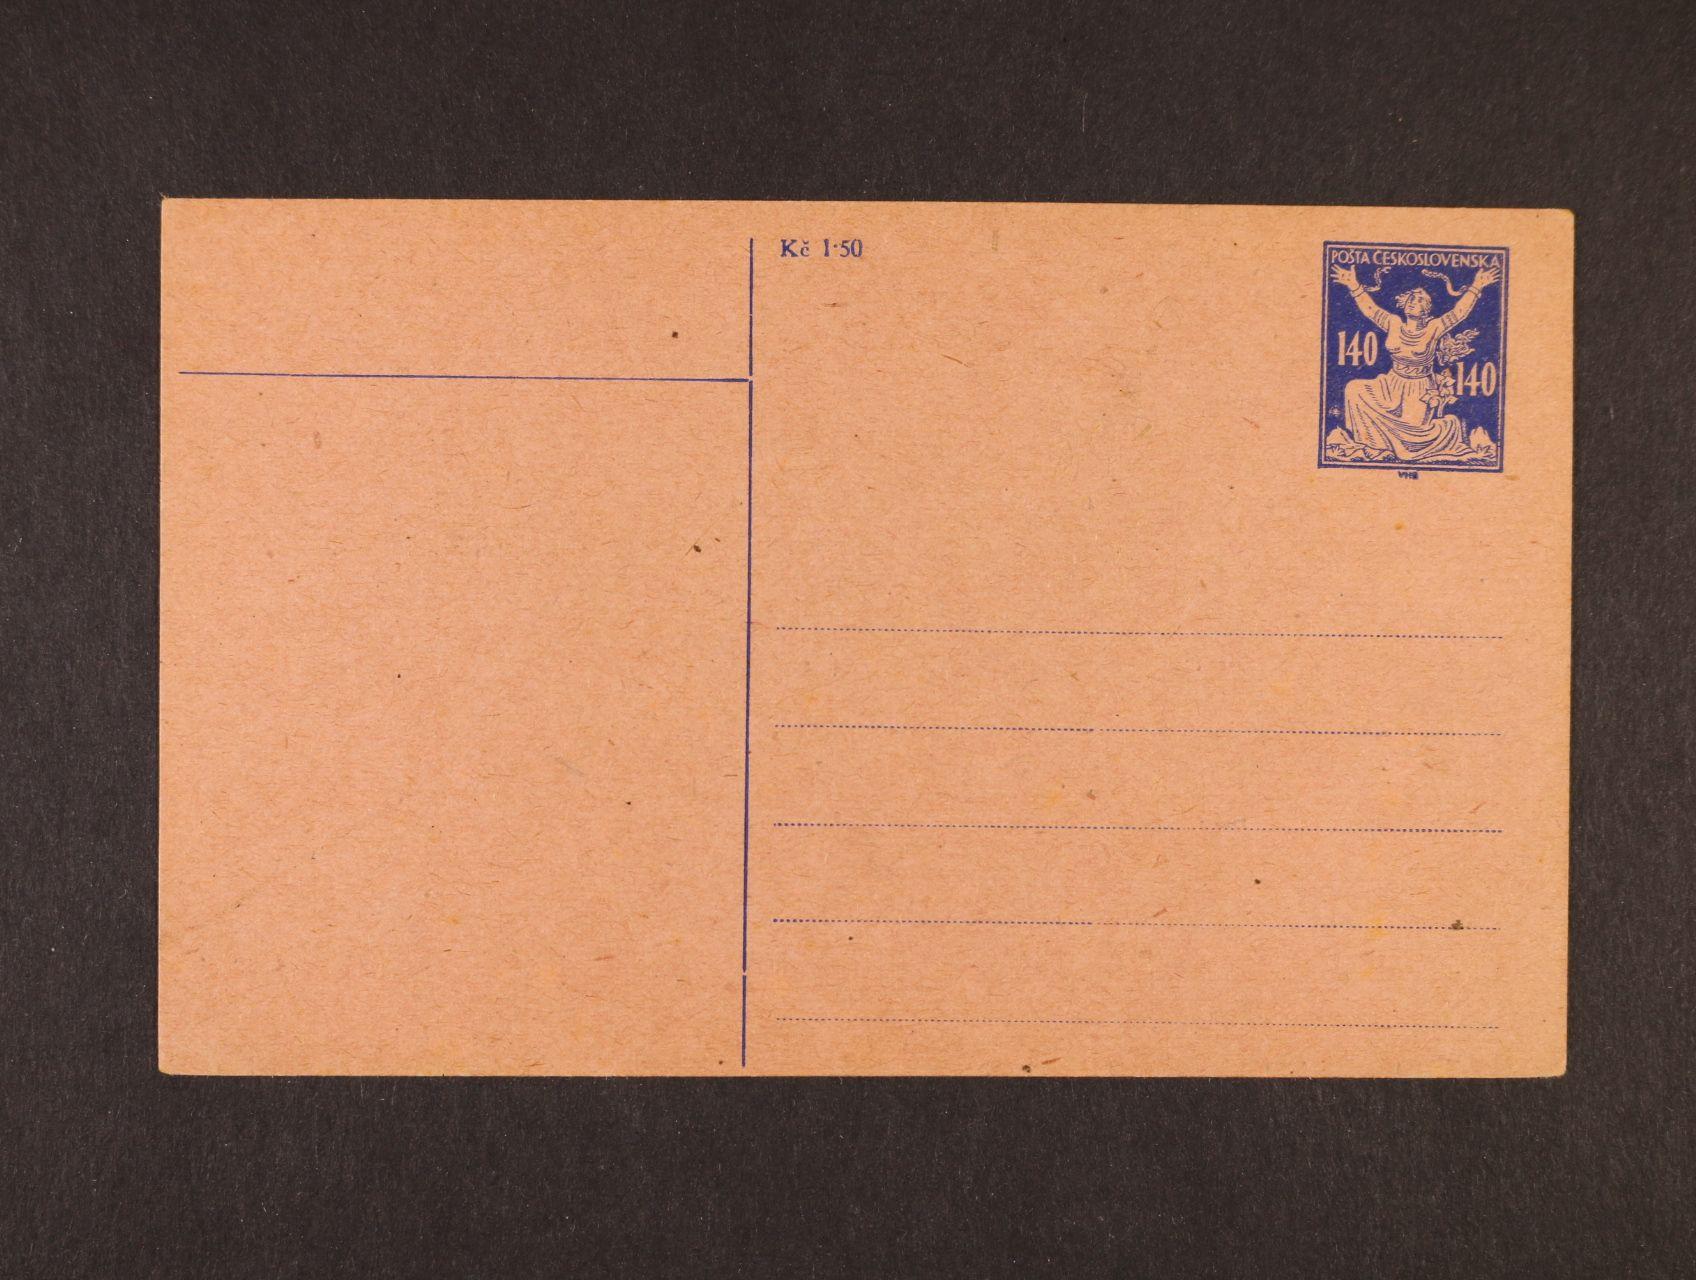 CPO č. 1 nepoužitá, kat. cena 1000 Kč